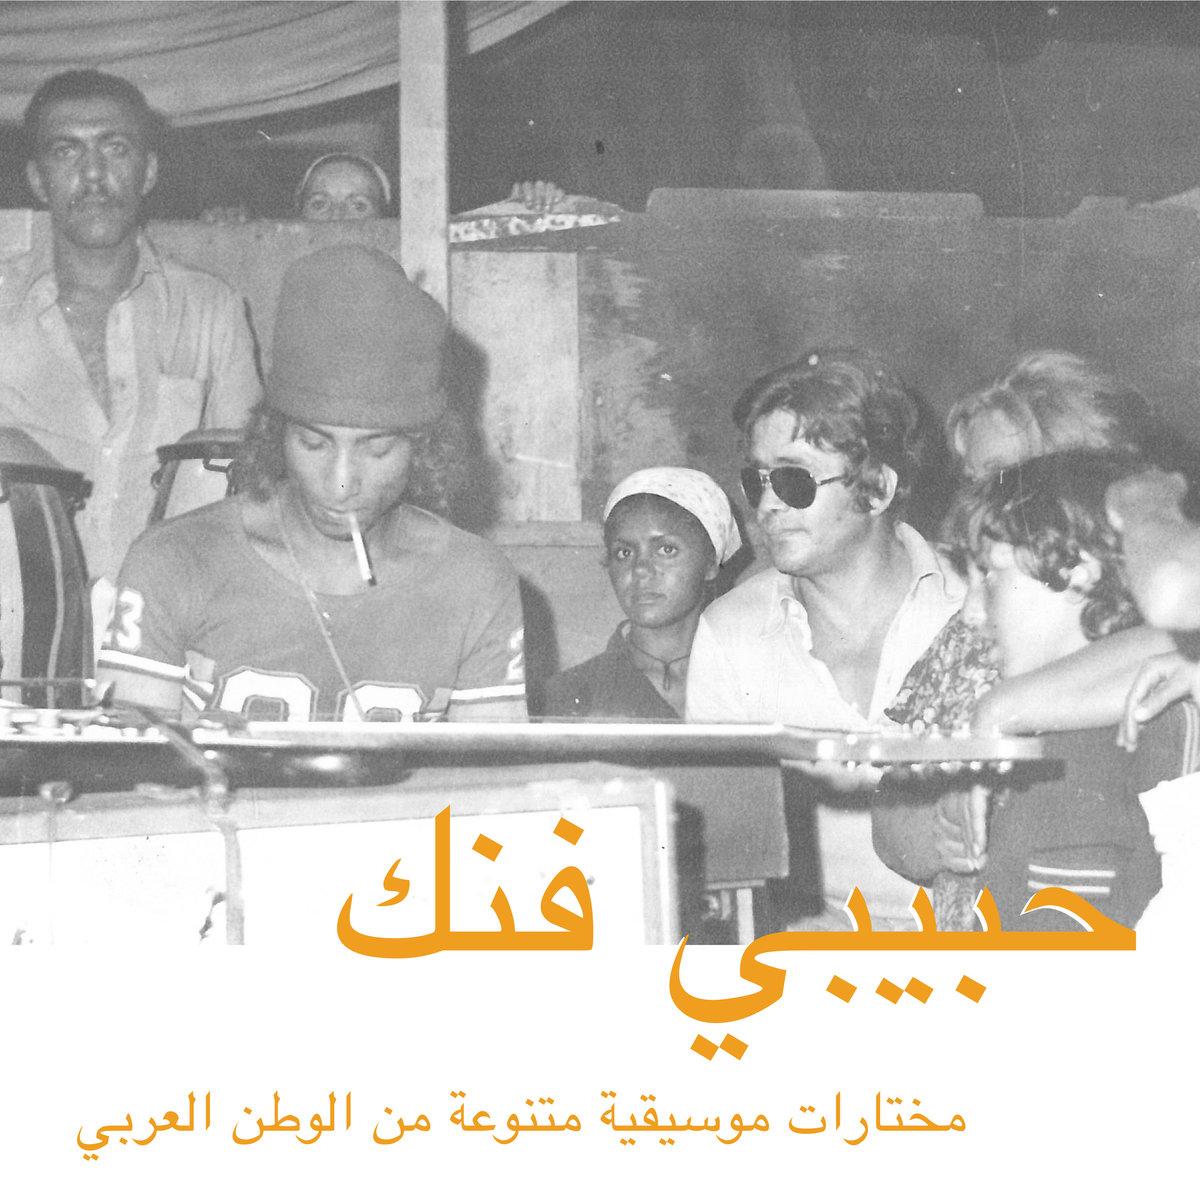 Habibi Funk посвятит новую компиляцию эклектичной арабской музыке 70-х и 80-х